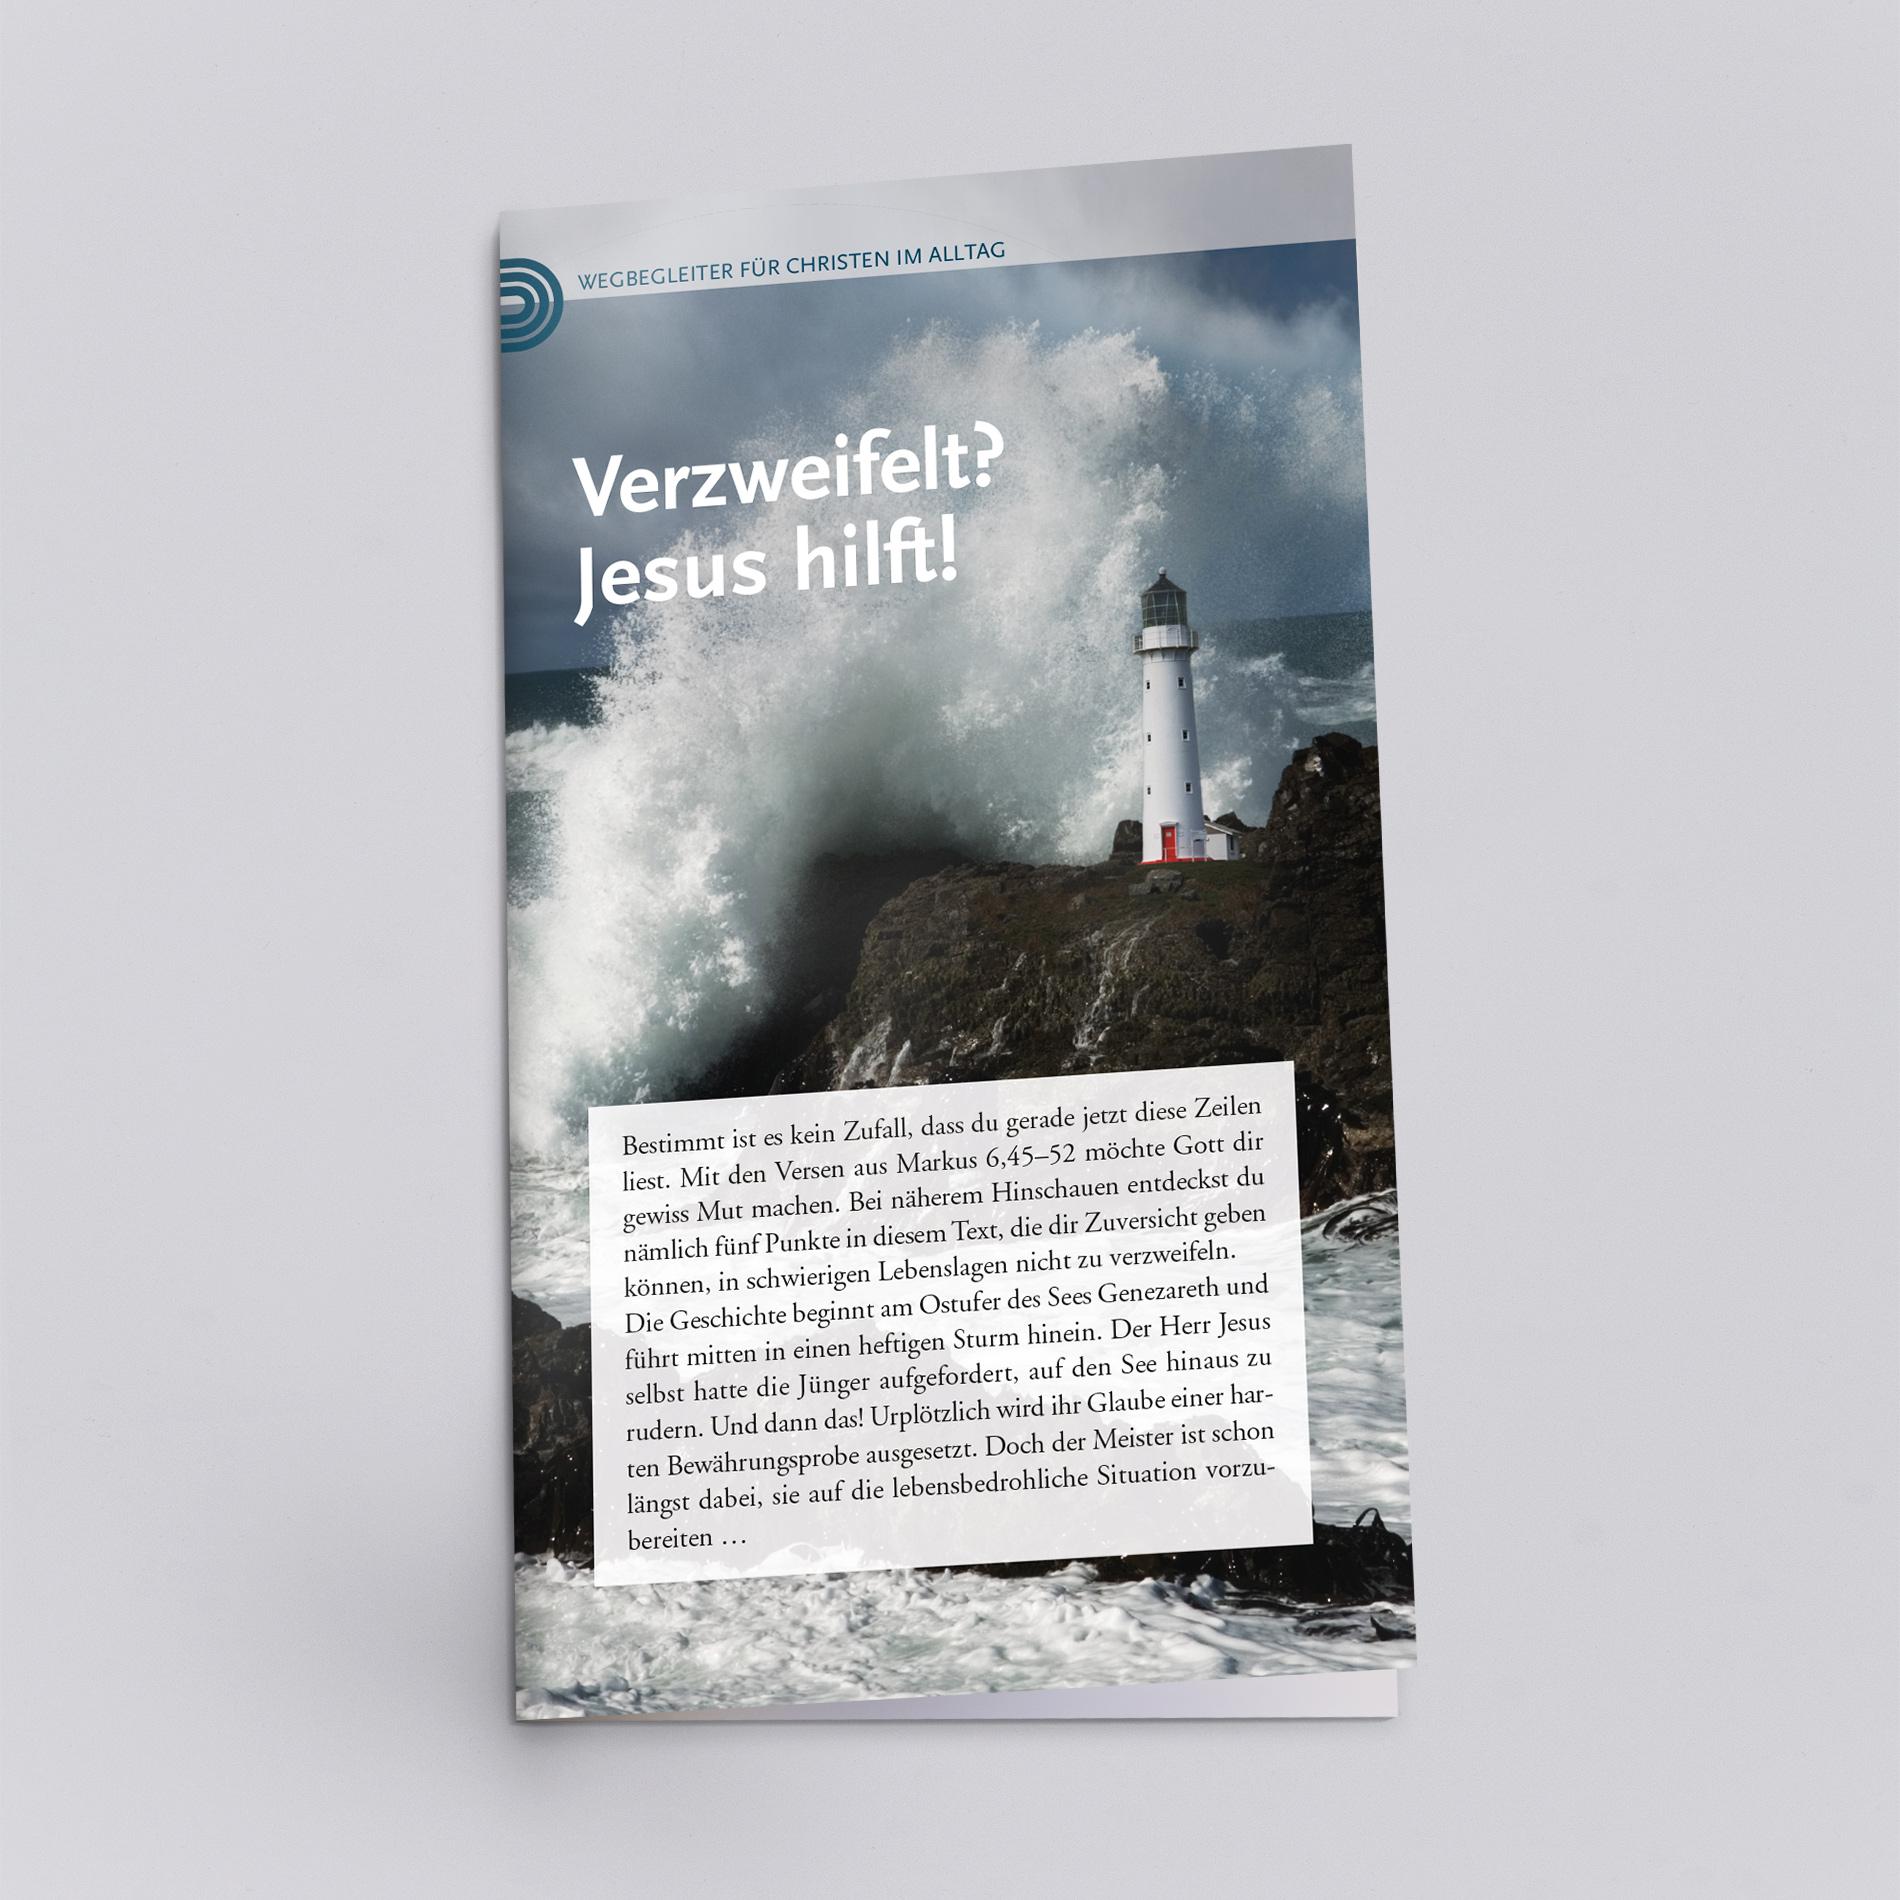 Bei Verzweiflung hilft Jesus